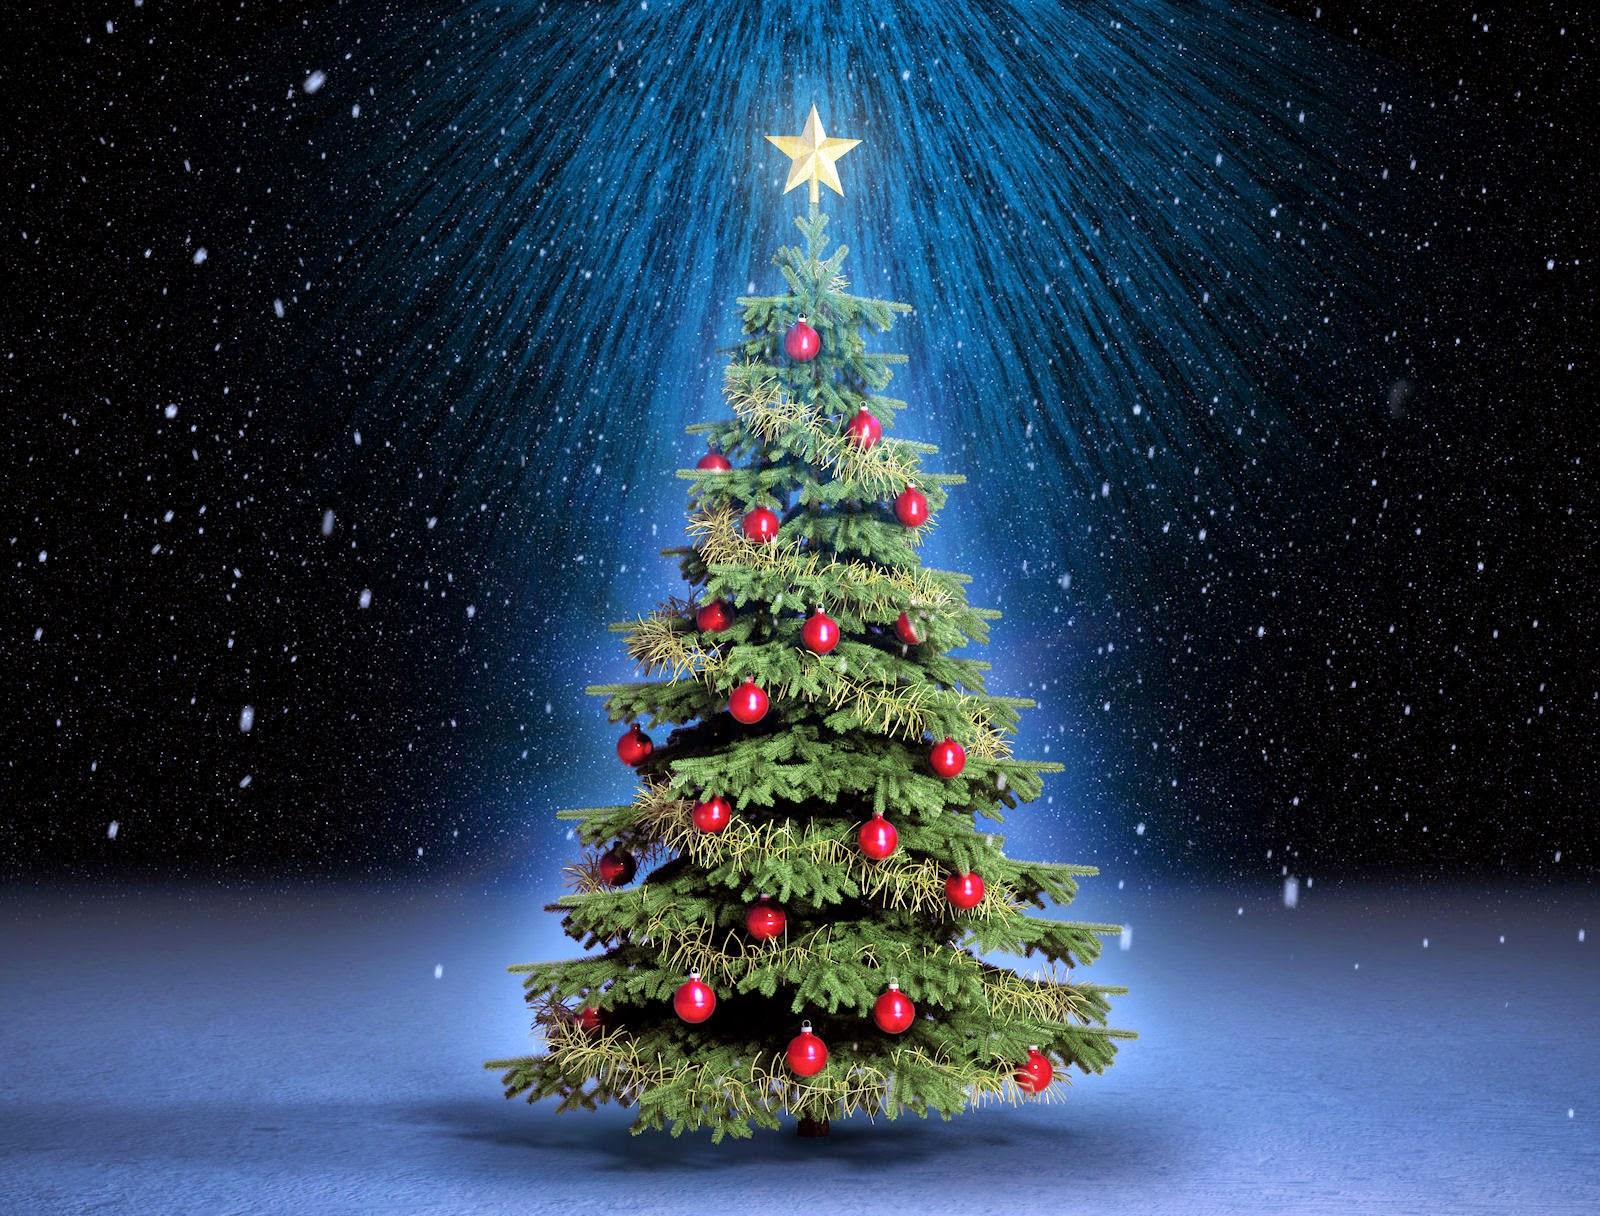 La cara oculta de los rboles de navidad ambientologosfera - Arboles de navidad dorados ...